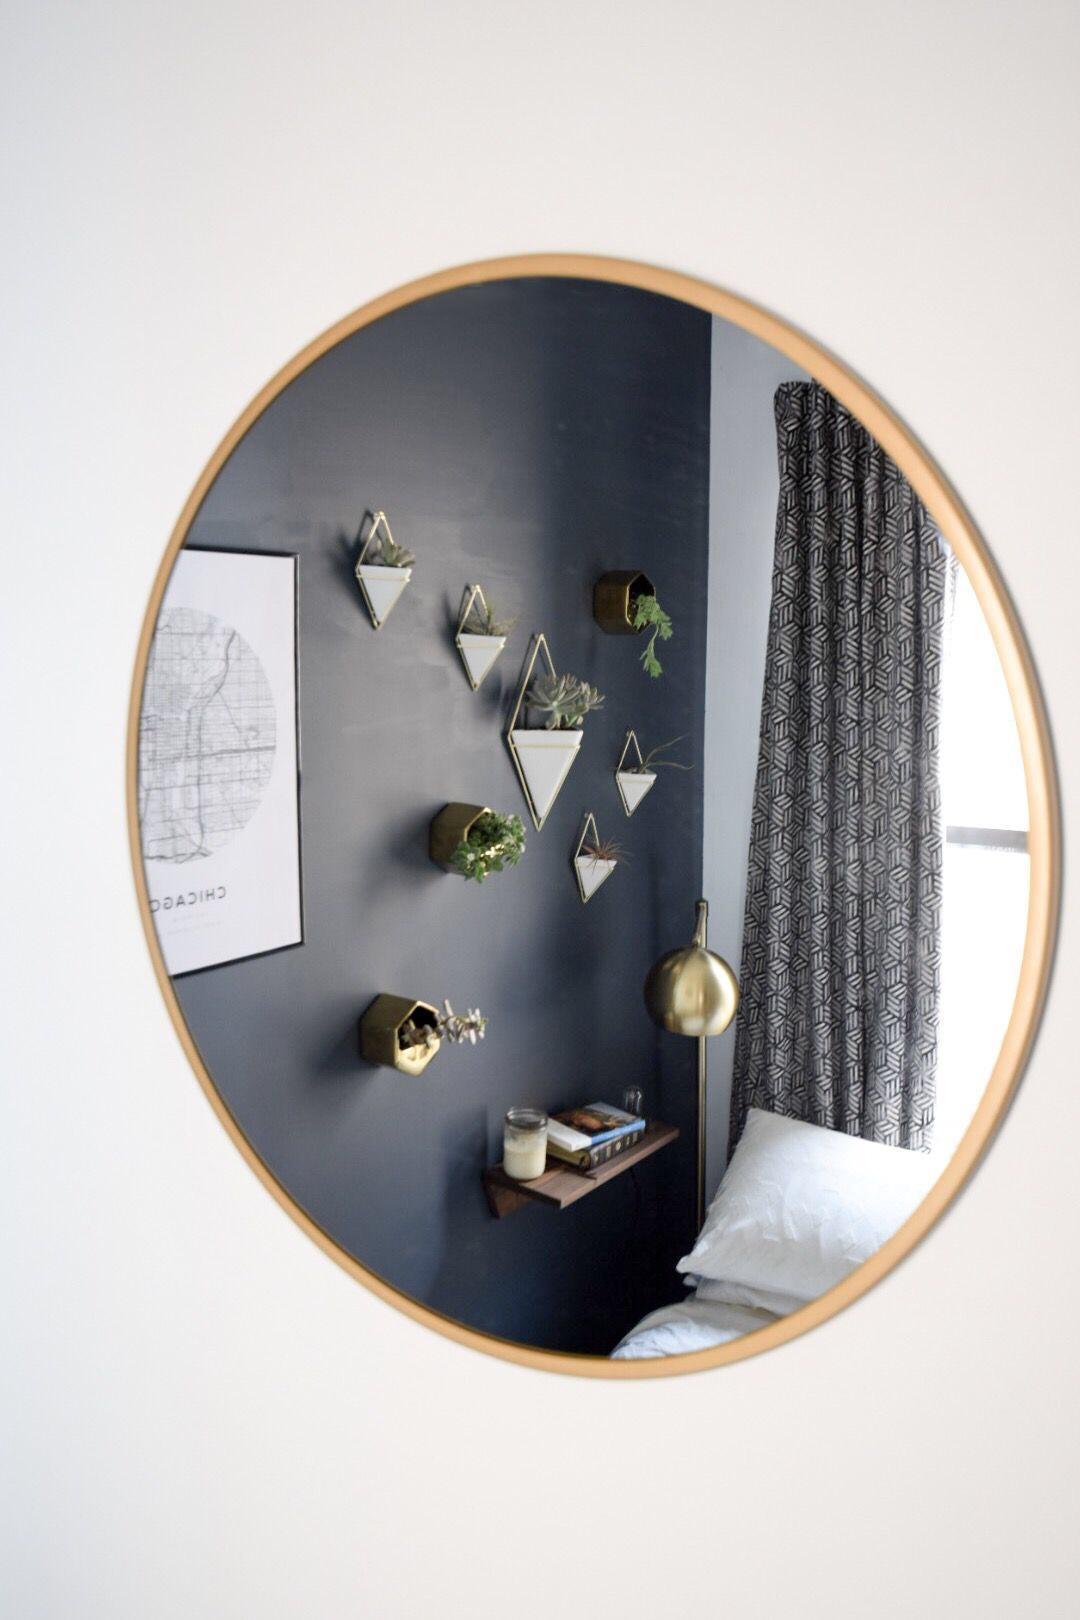 target-round-gold-mirror